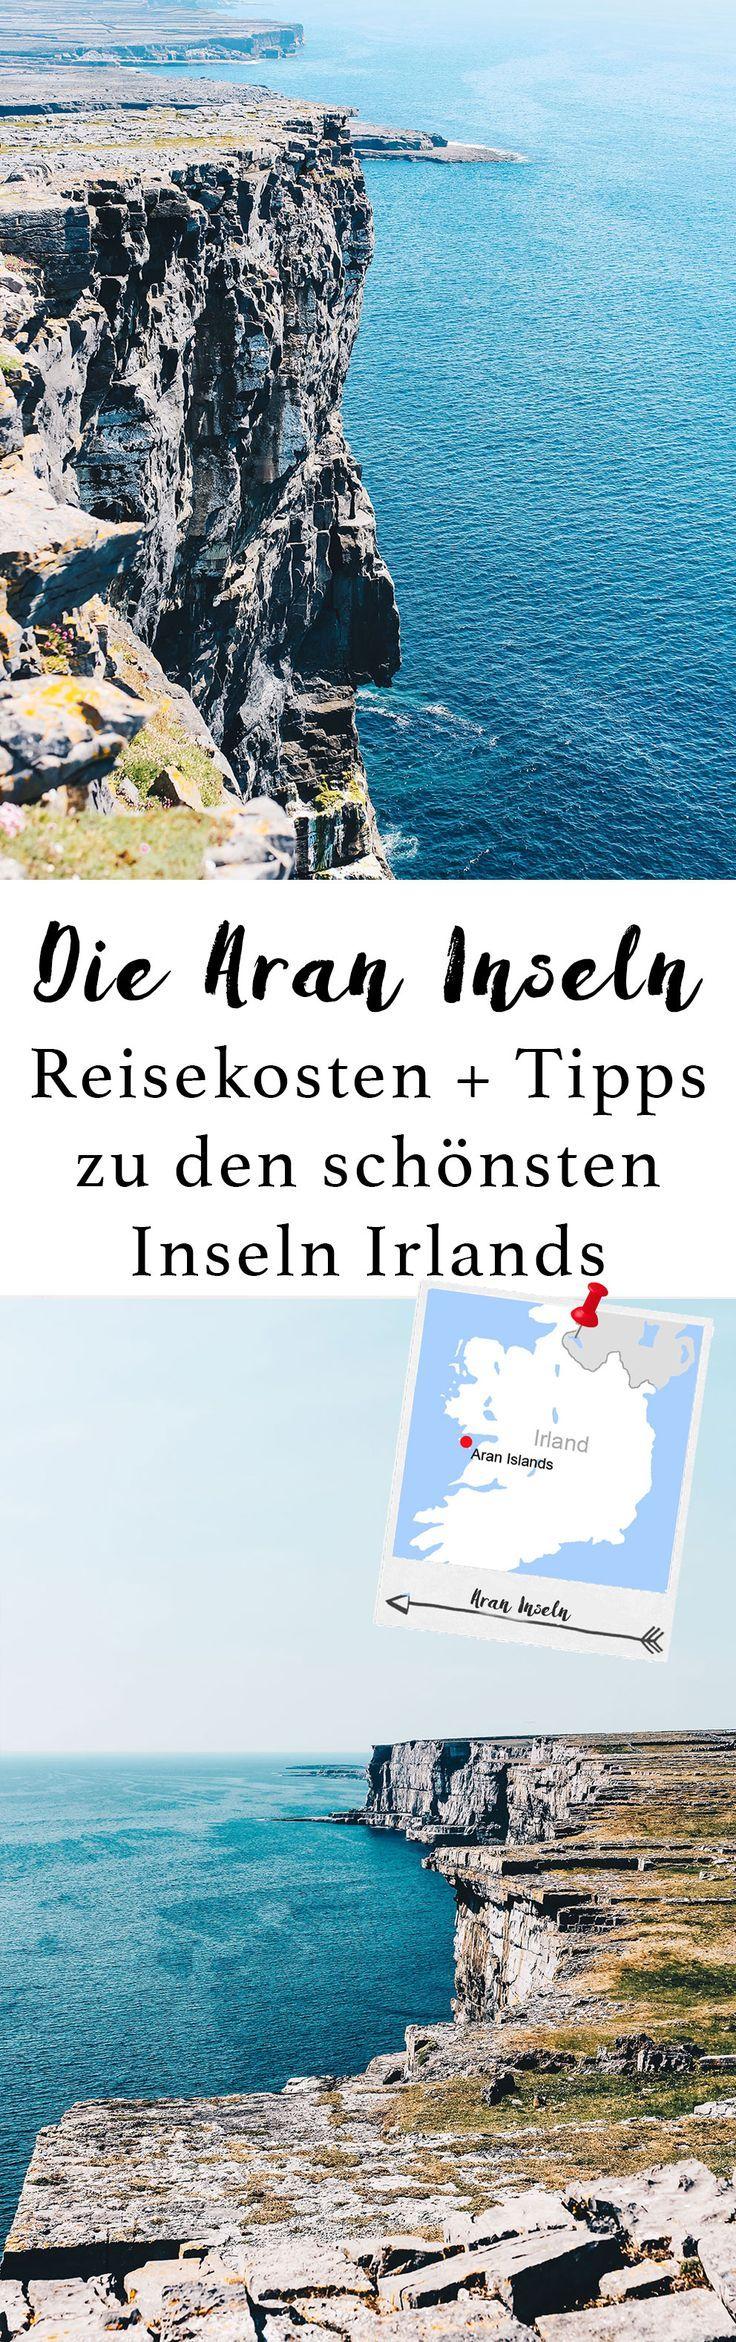 Vanillaholica | Die schönsten Inseln Irlands / Die Aran Inseln | http://www.vanillaholica.com  . Die schönsten Inseln Irlands sind definitiv die Aran Islands. Sie sind einen Tagesausflug wert. Alle Reisekosten zu Irland Ausflügen oder Irland Reisen mit extra Tipps findest du auf VANILLAHOLICA.com